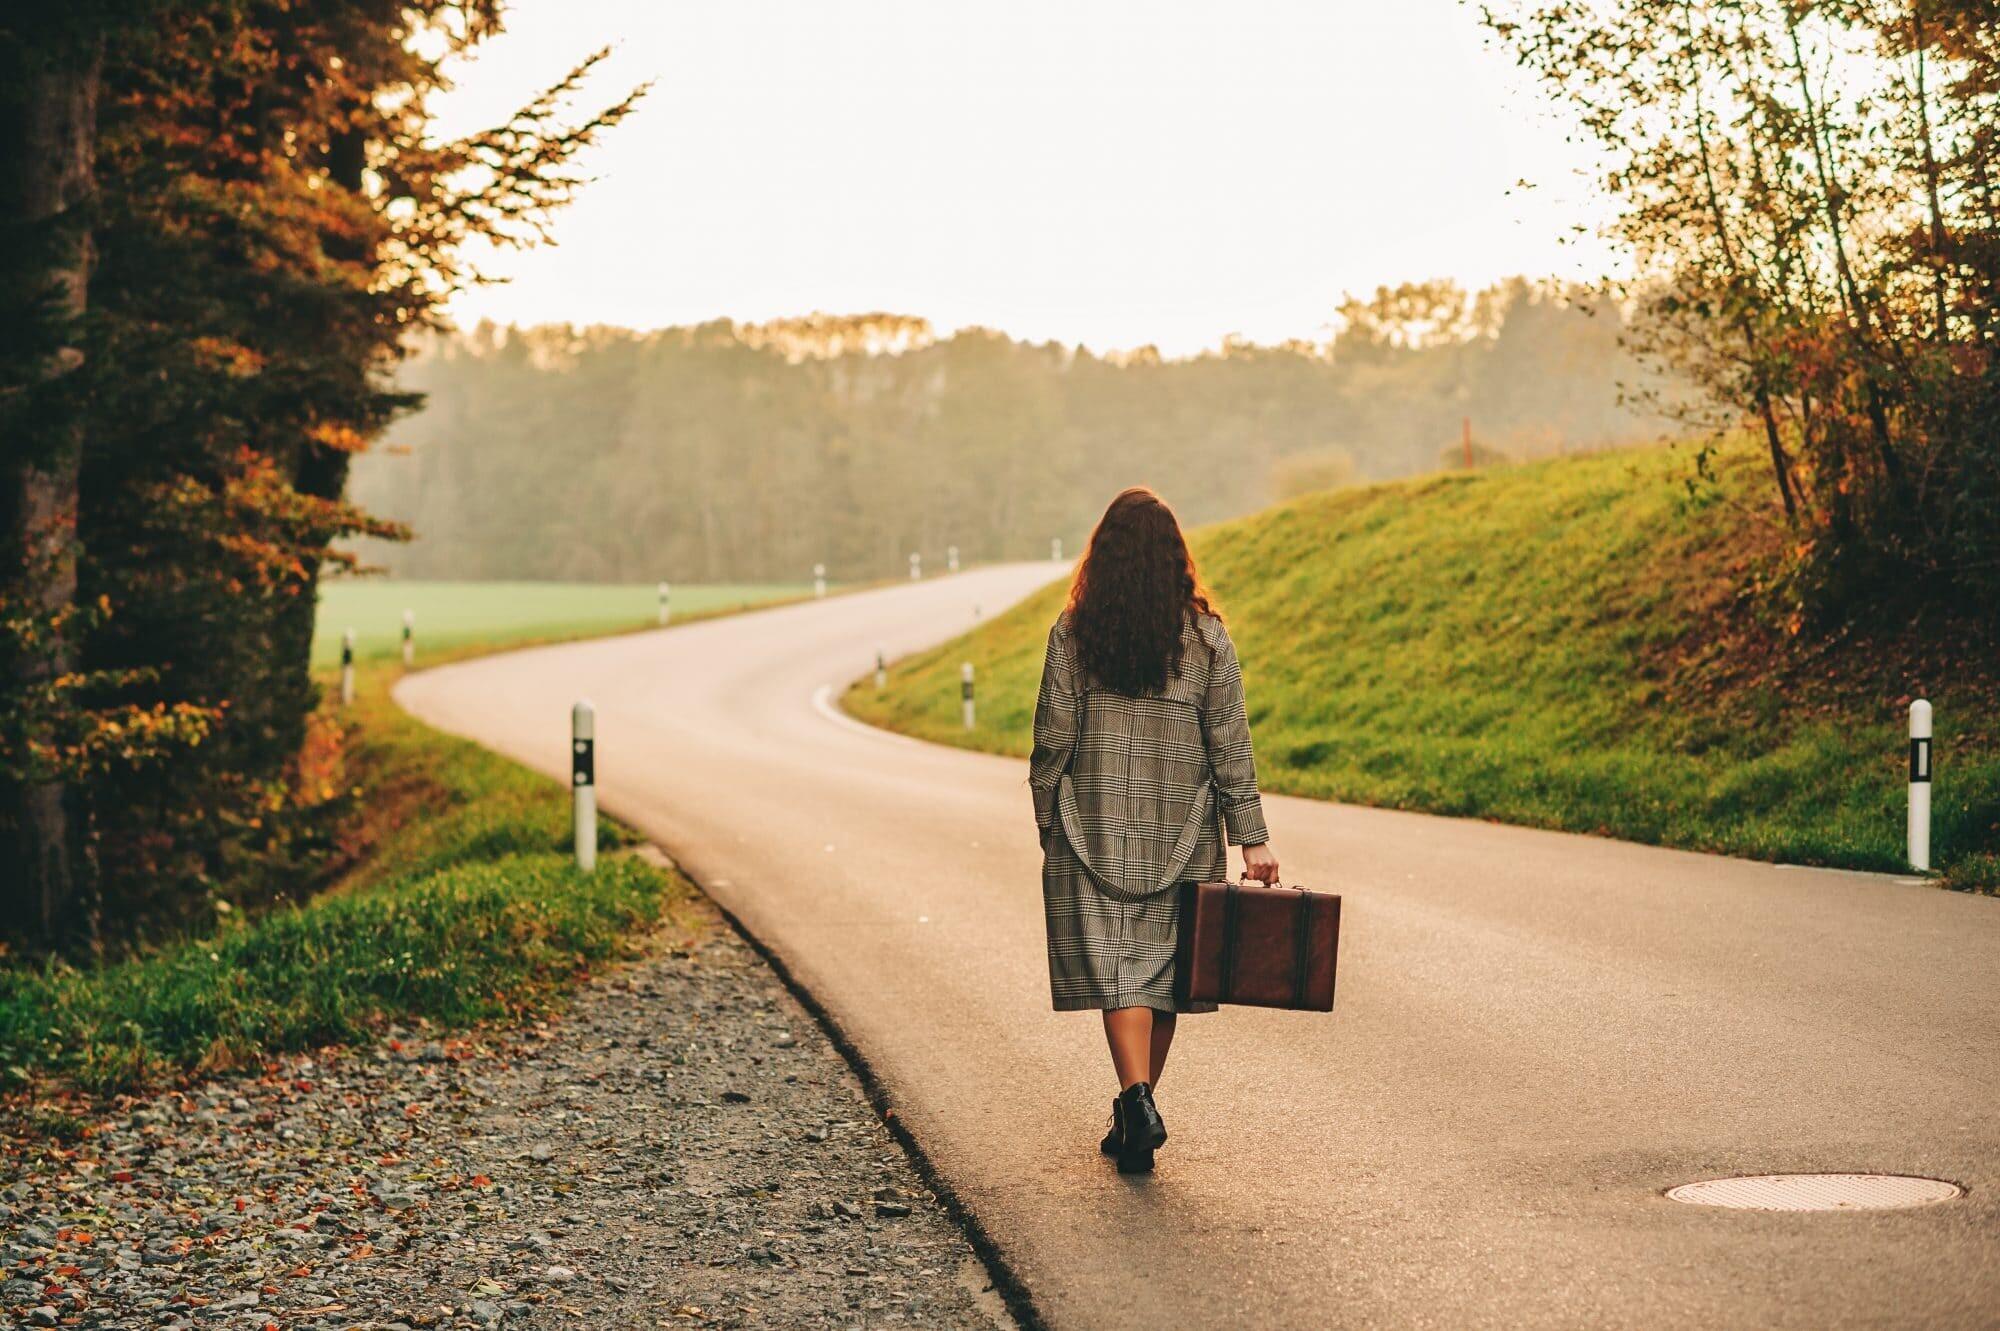 Capire il passato per vivere un nuovo futuro: l'obiettivo della terapia Dipendiamo | Dipendiamo.blog